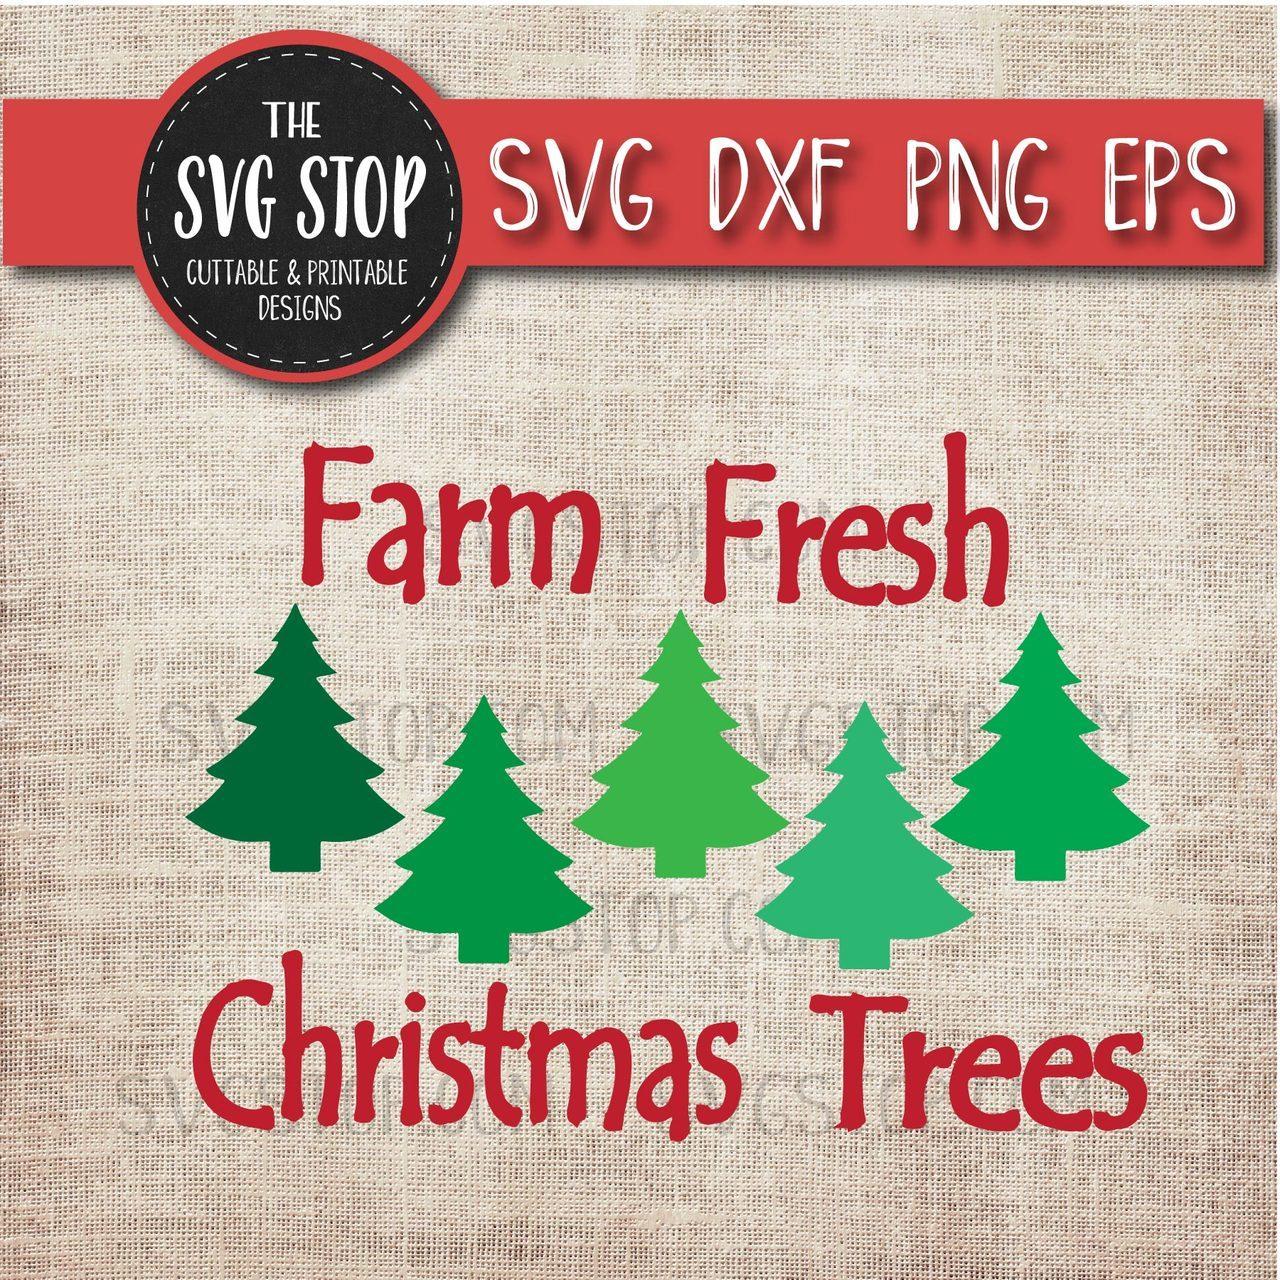 Farm Fresh Christmas Trees.